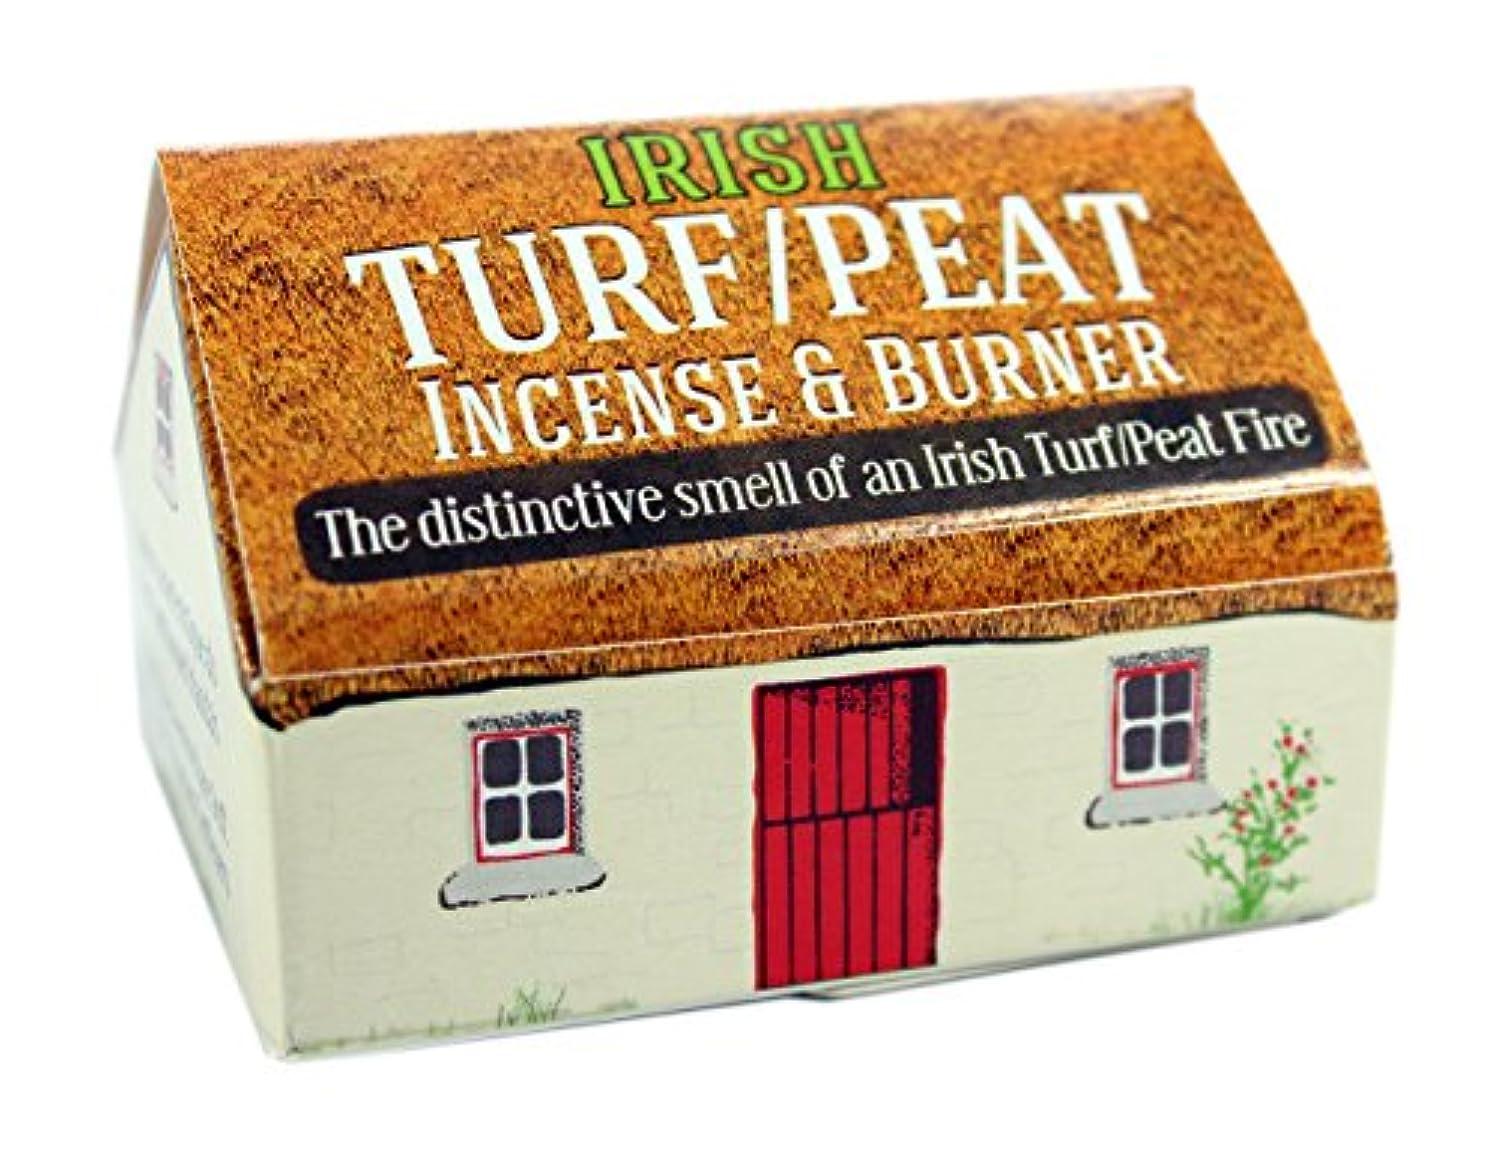 委員会鰐荒らすIrish Turf/peat Incense And 3.8cm Sq Burner Plate,beige, New